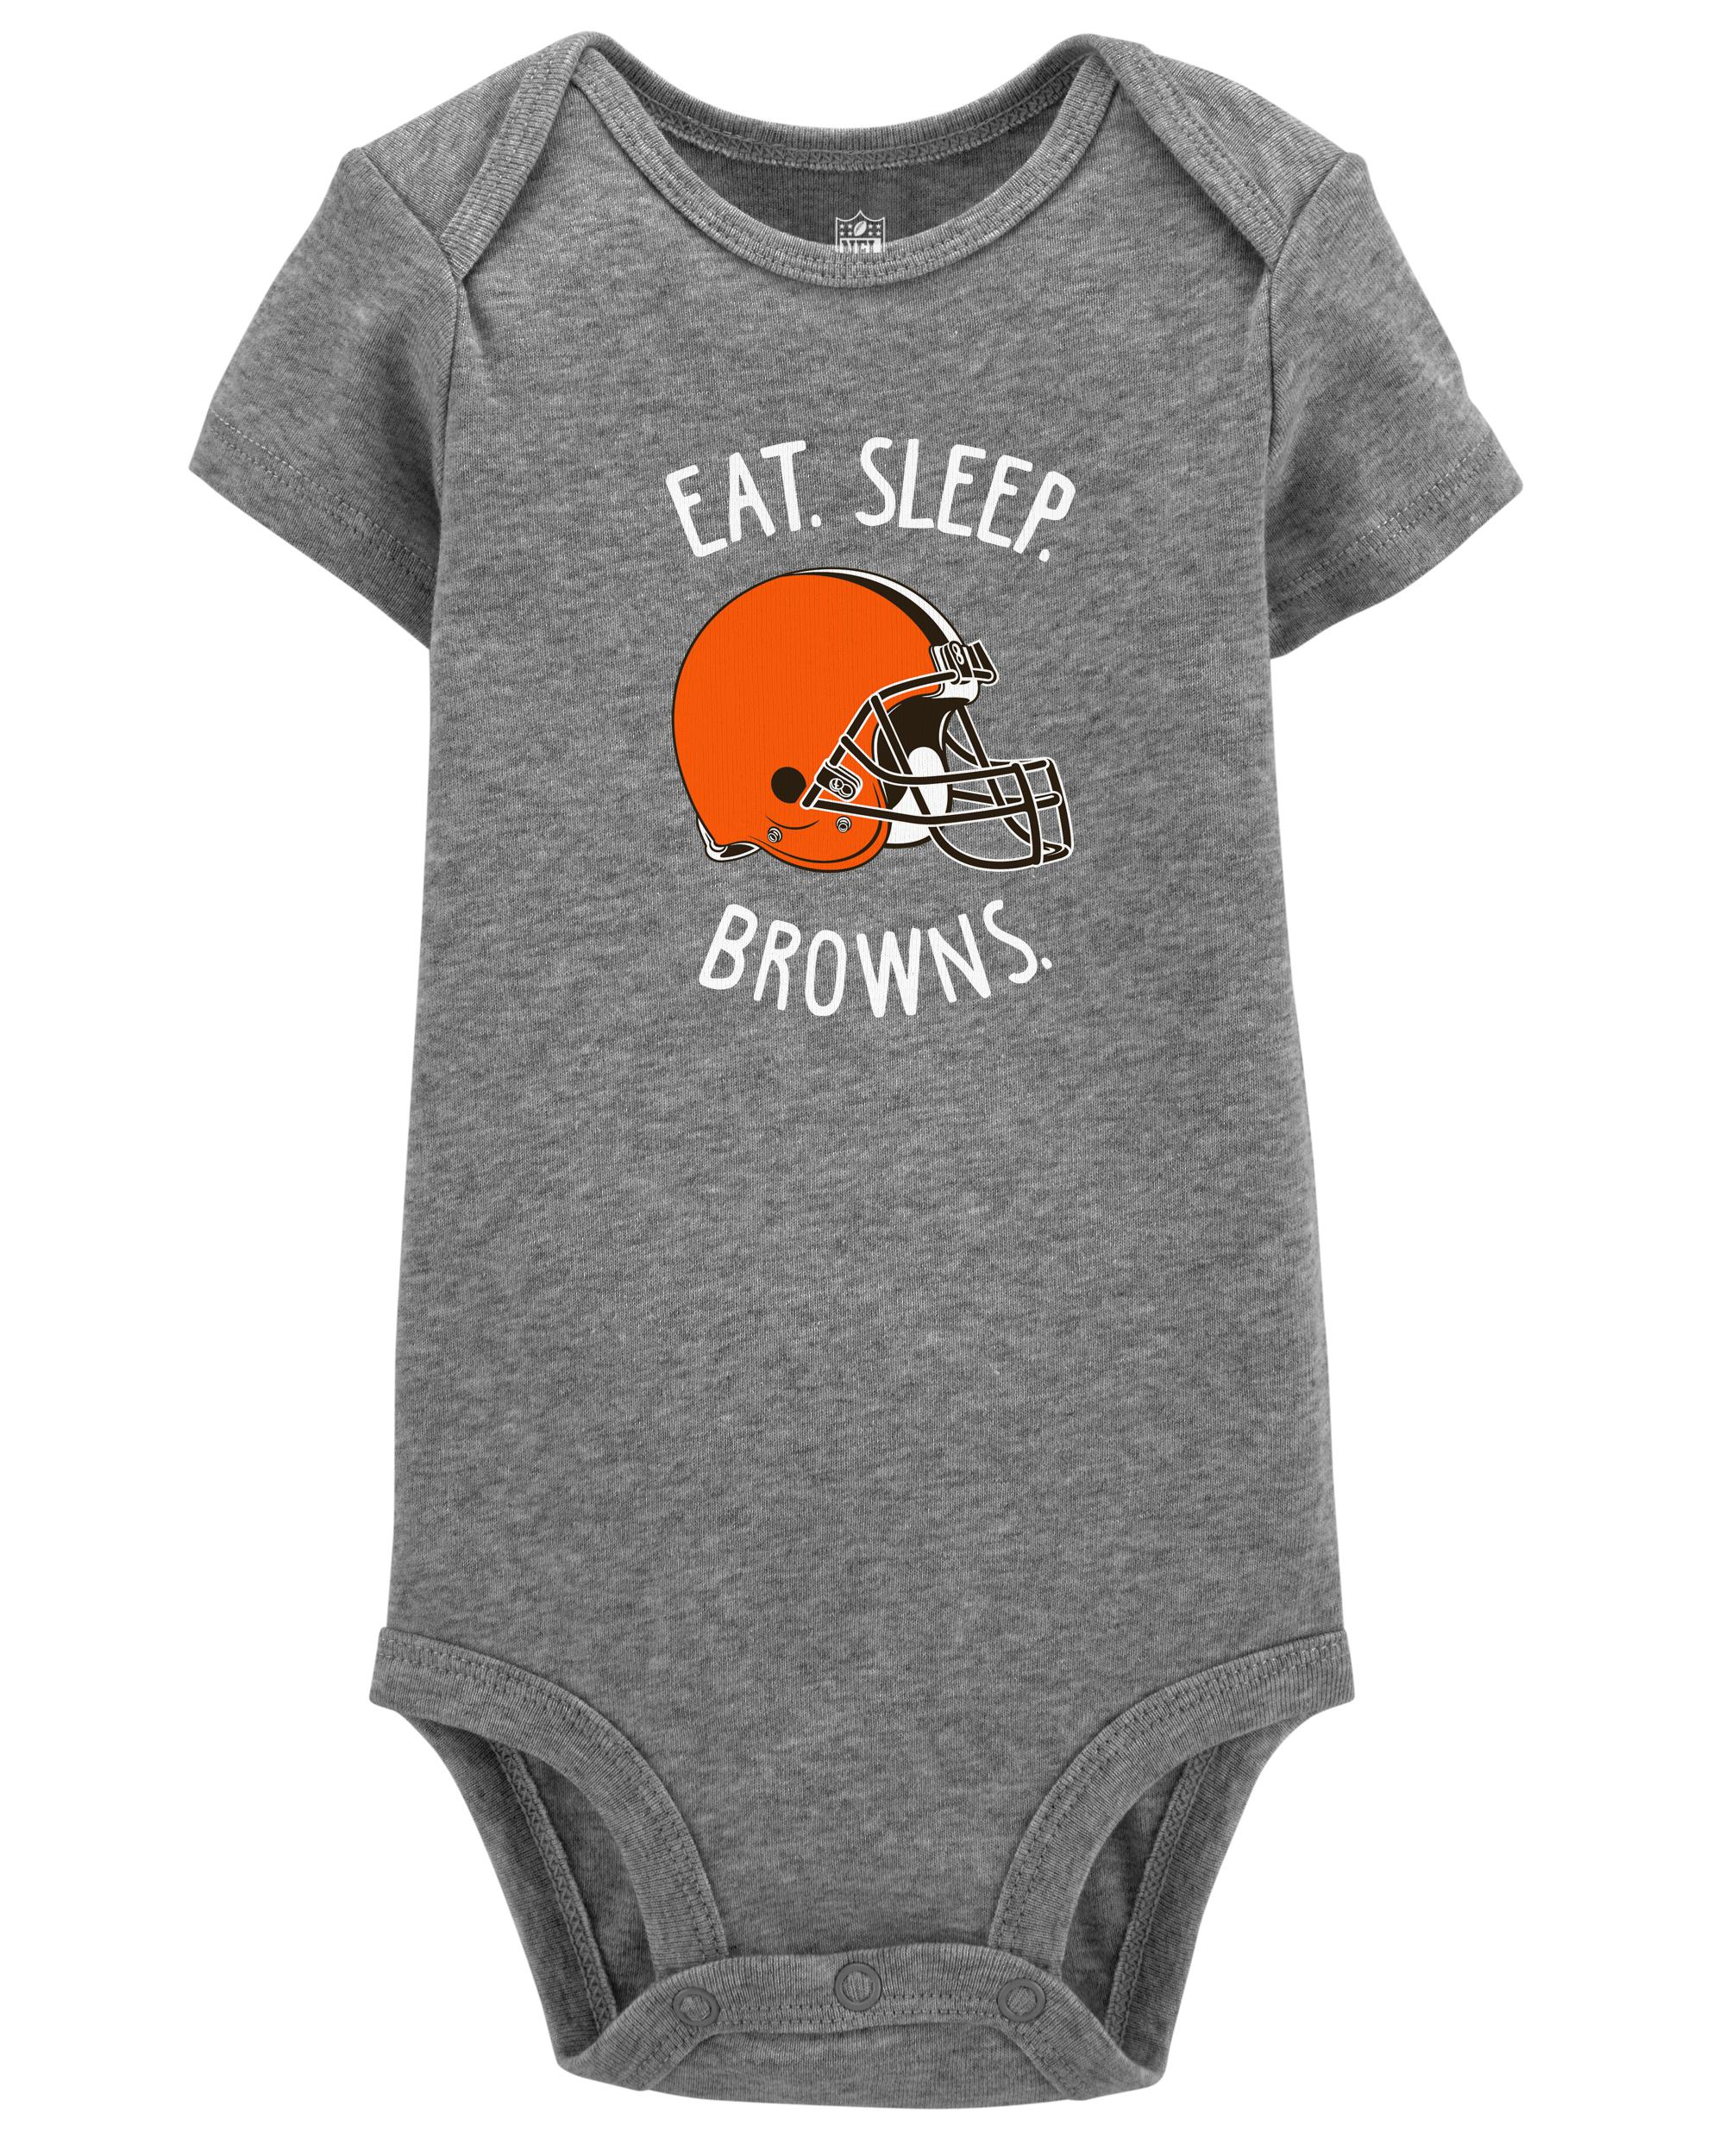 sale retailer b3cba d5df8 NFL Cleveland Browns Bodysuit | carters.com